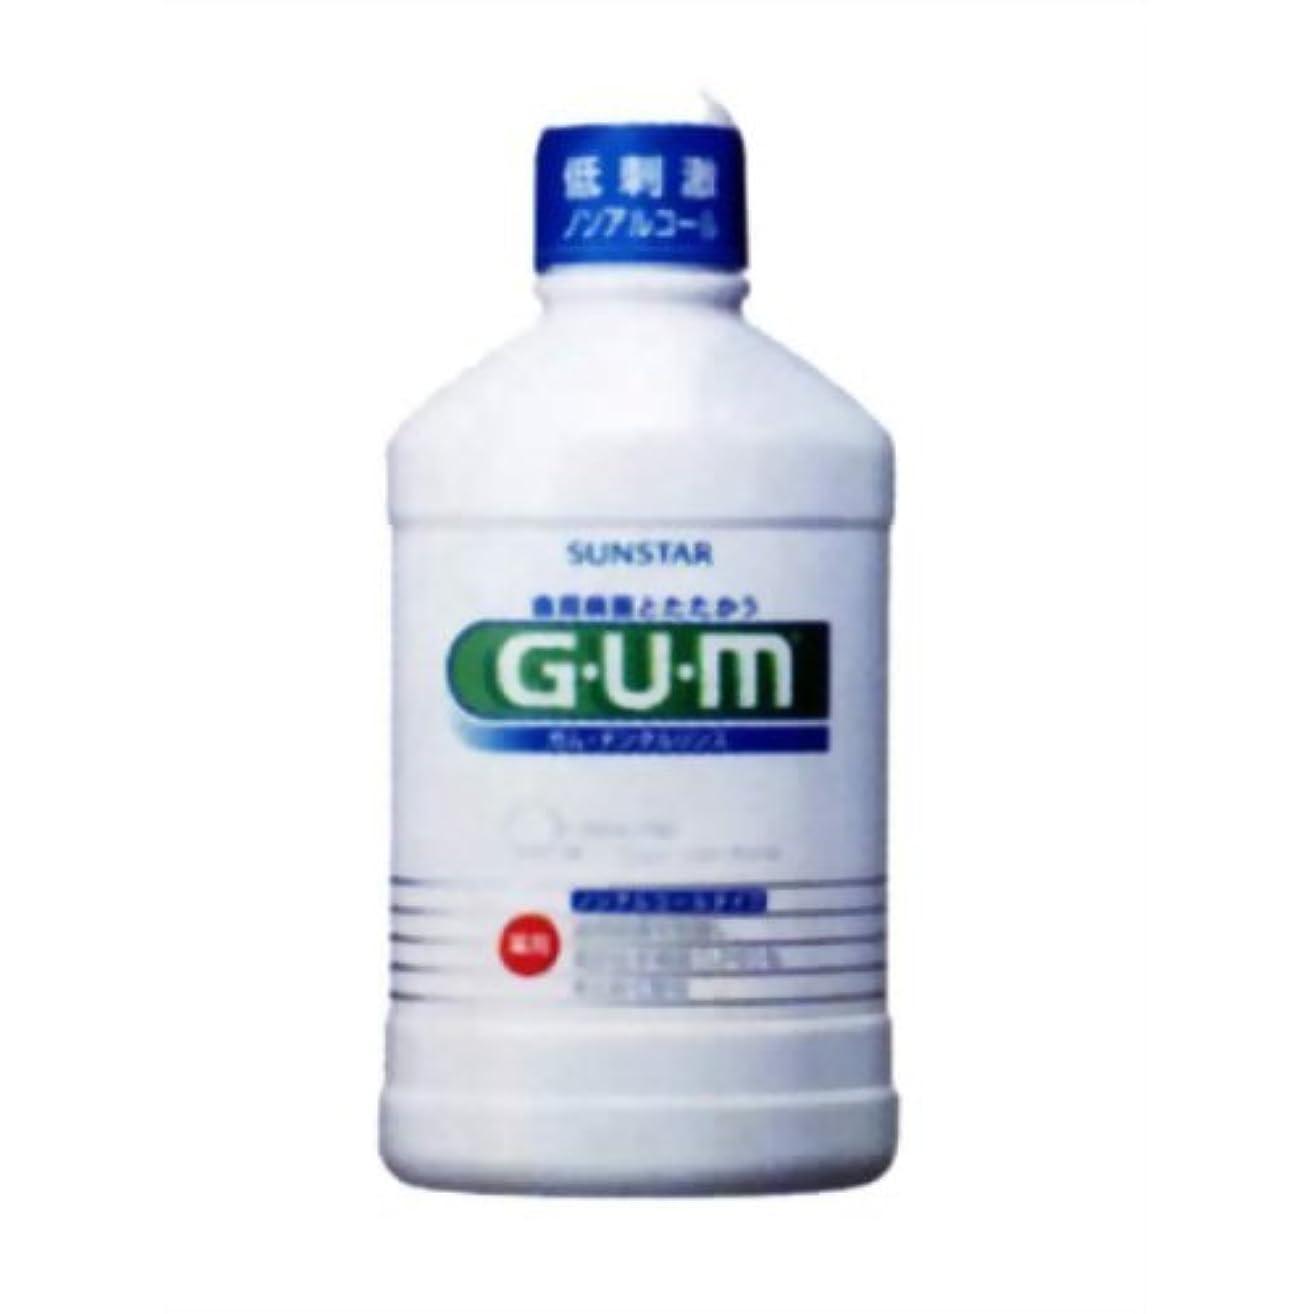 アクセスできない値する識別するGUM(ガム) 薬用 デンタルリンス ノンアルコールタイプ 250ml